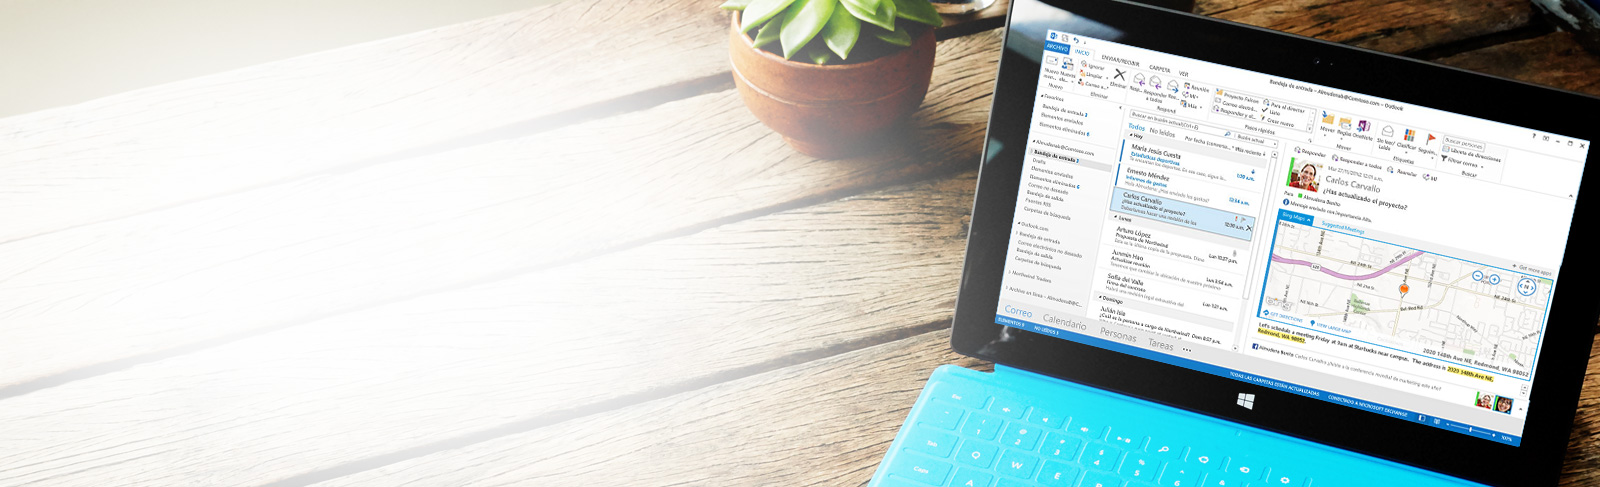 Tableta en la que se muestra una Bandeja de entrada de Microsoft Outlook 2013 con una lista de mensajes y una vista previa.